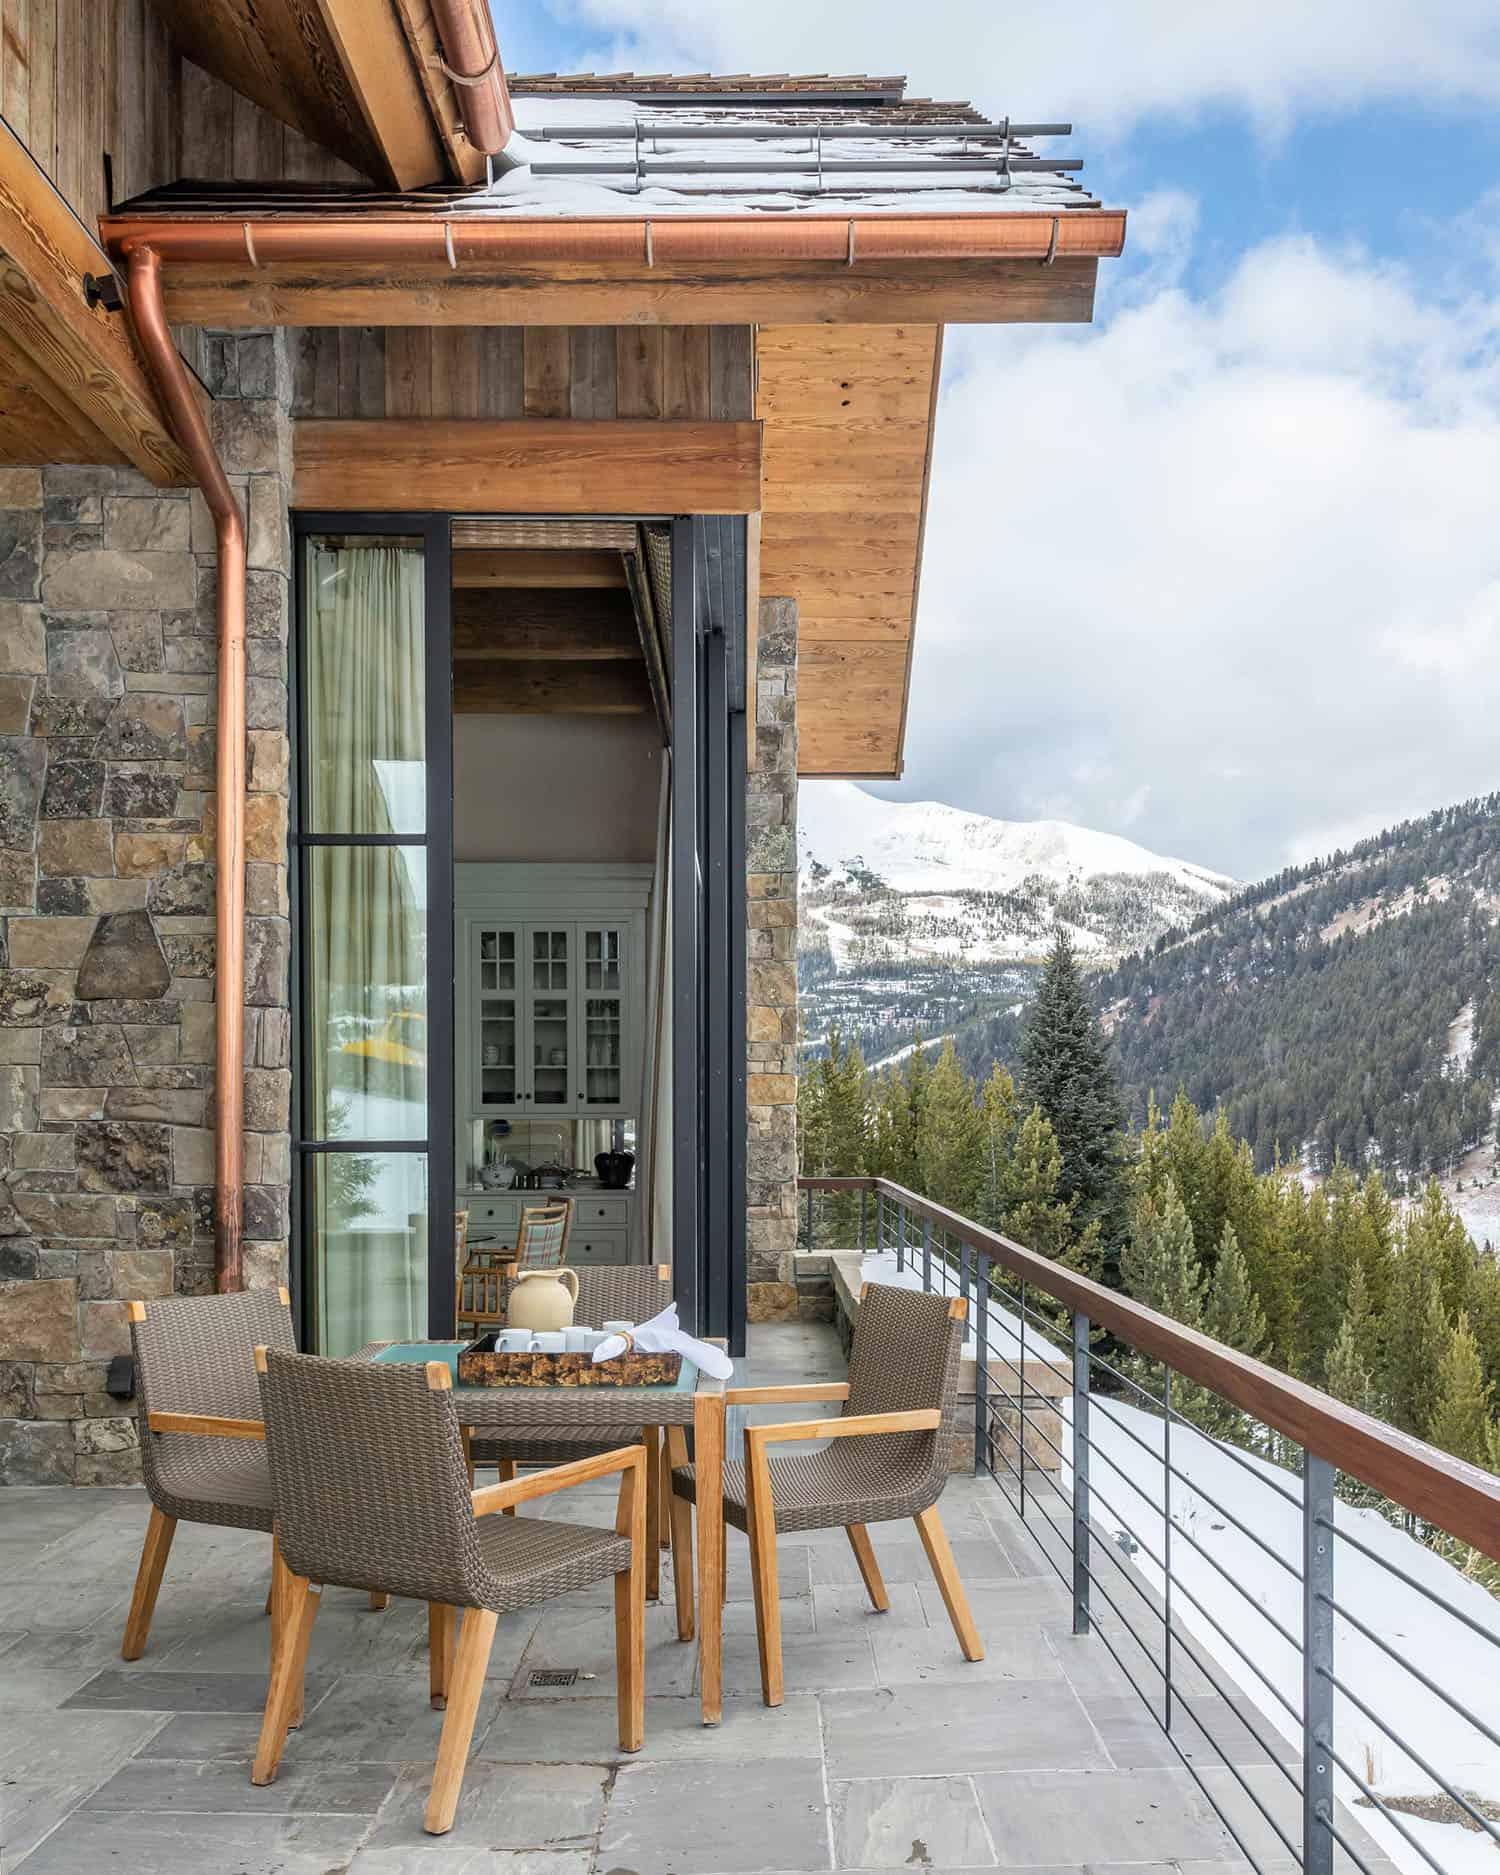 maison-de-ski-moderne-salon-exterieur